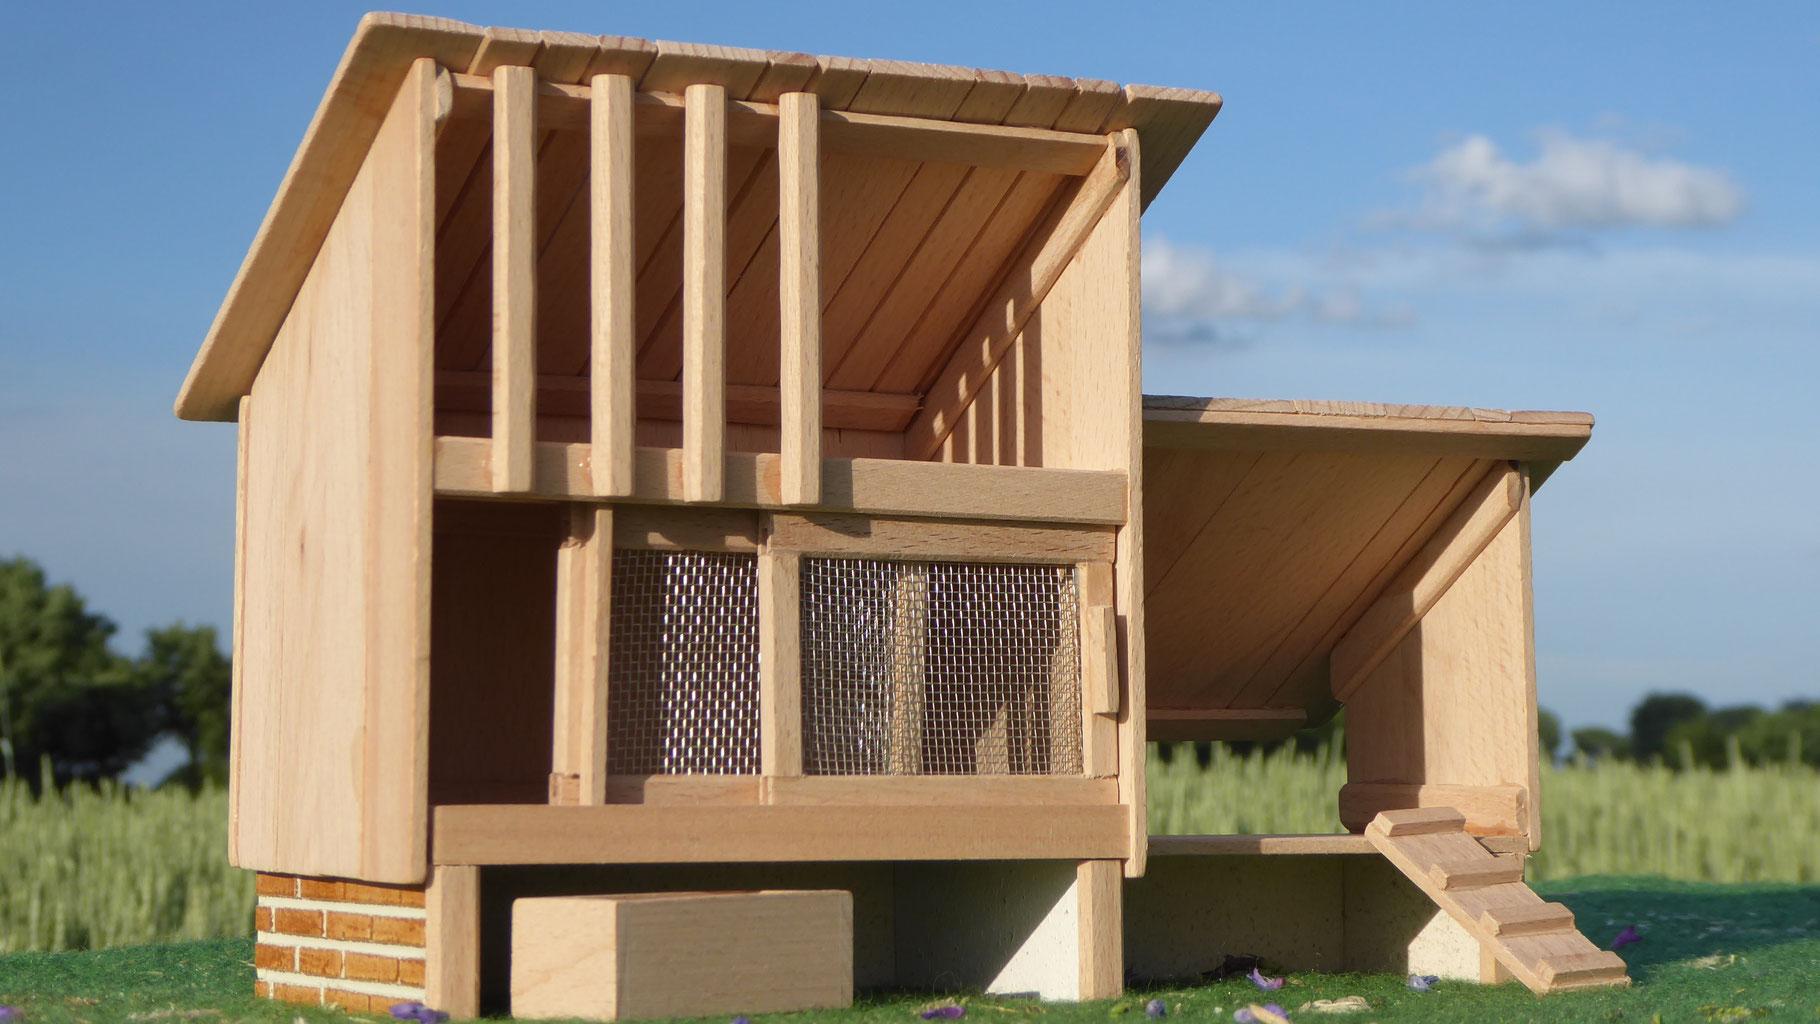 Holz Kletter Bogen : Holz kaninchenstall für schleich tiere ställe kutschen tack